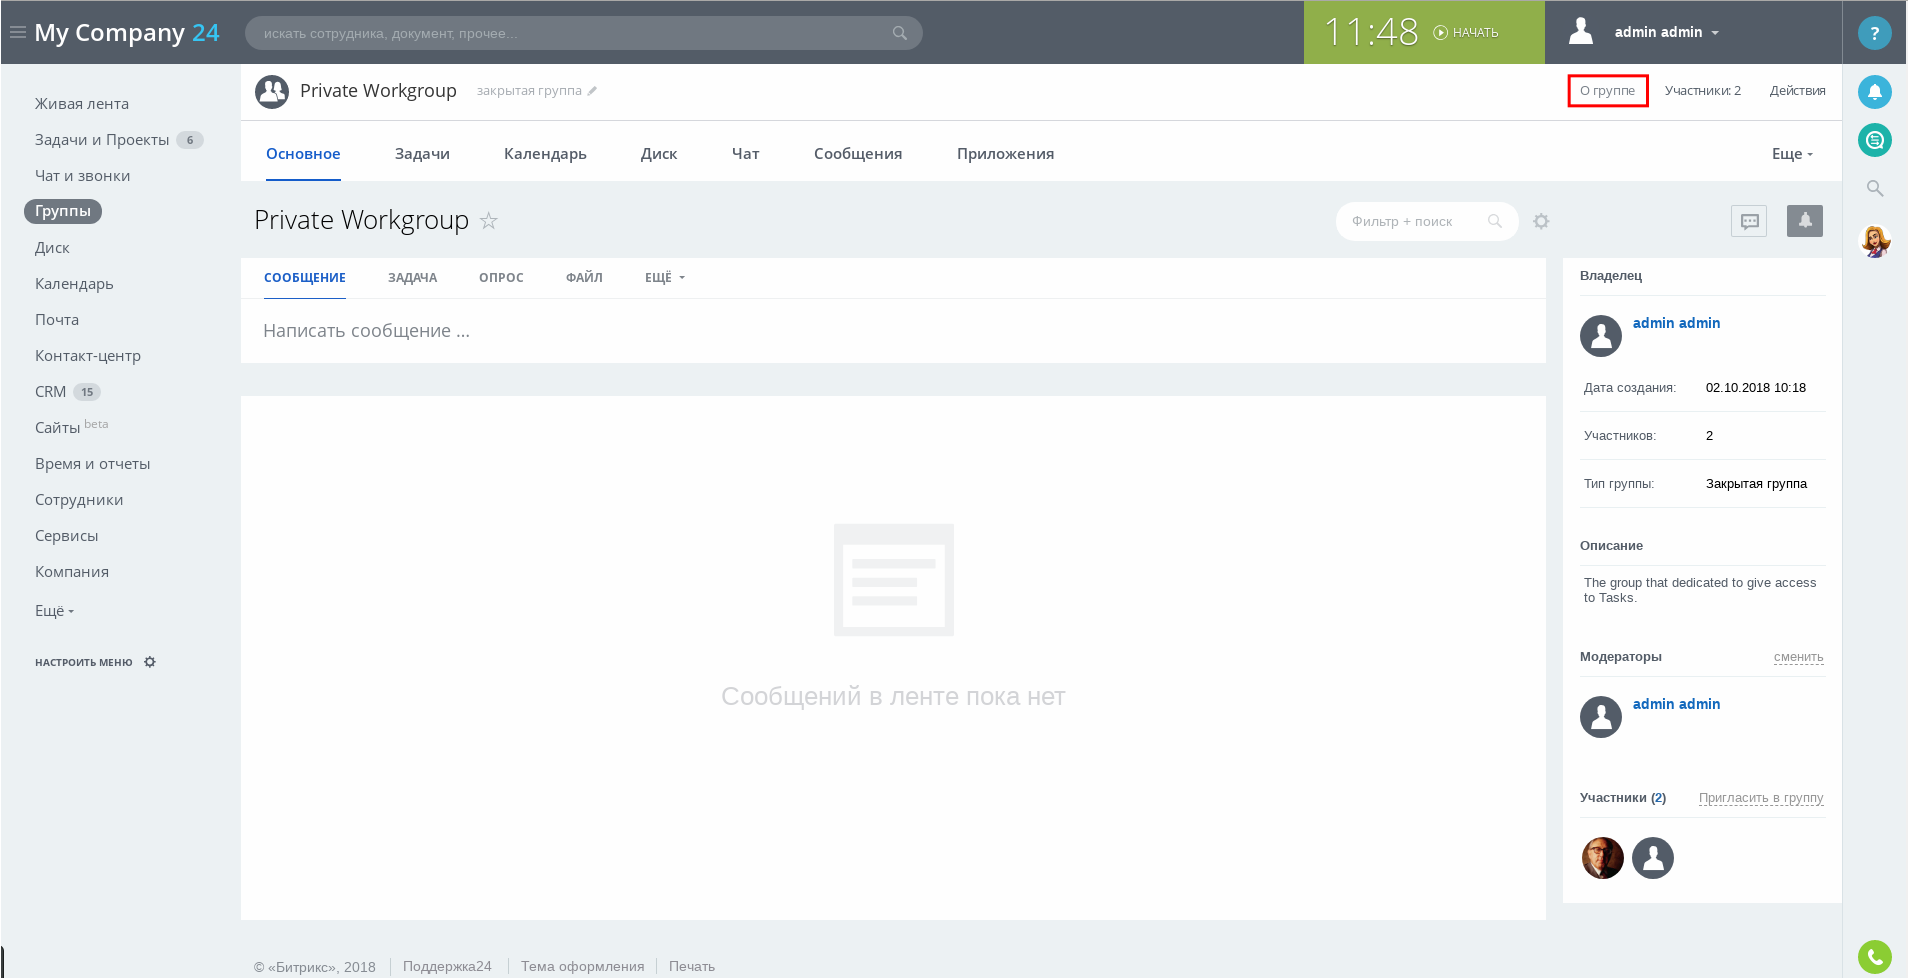 Настройка прав пользователей битрикс24 документация для битрикс управление сайтом скачать